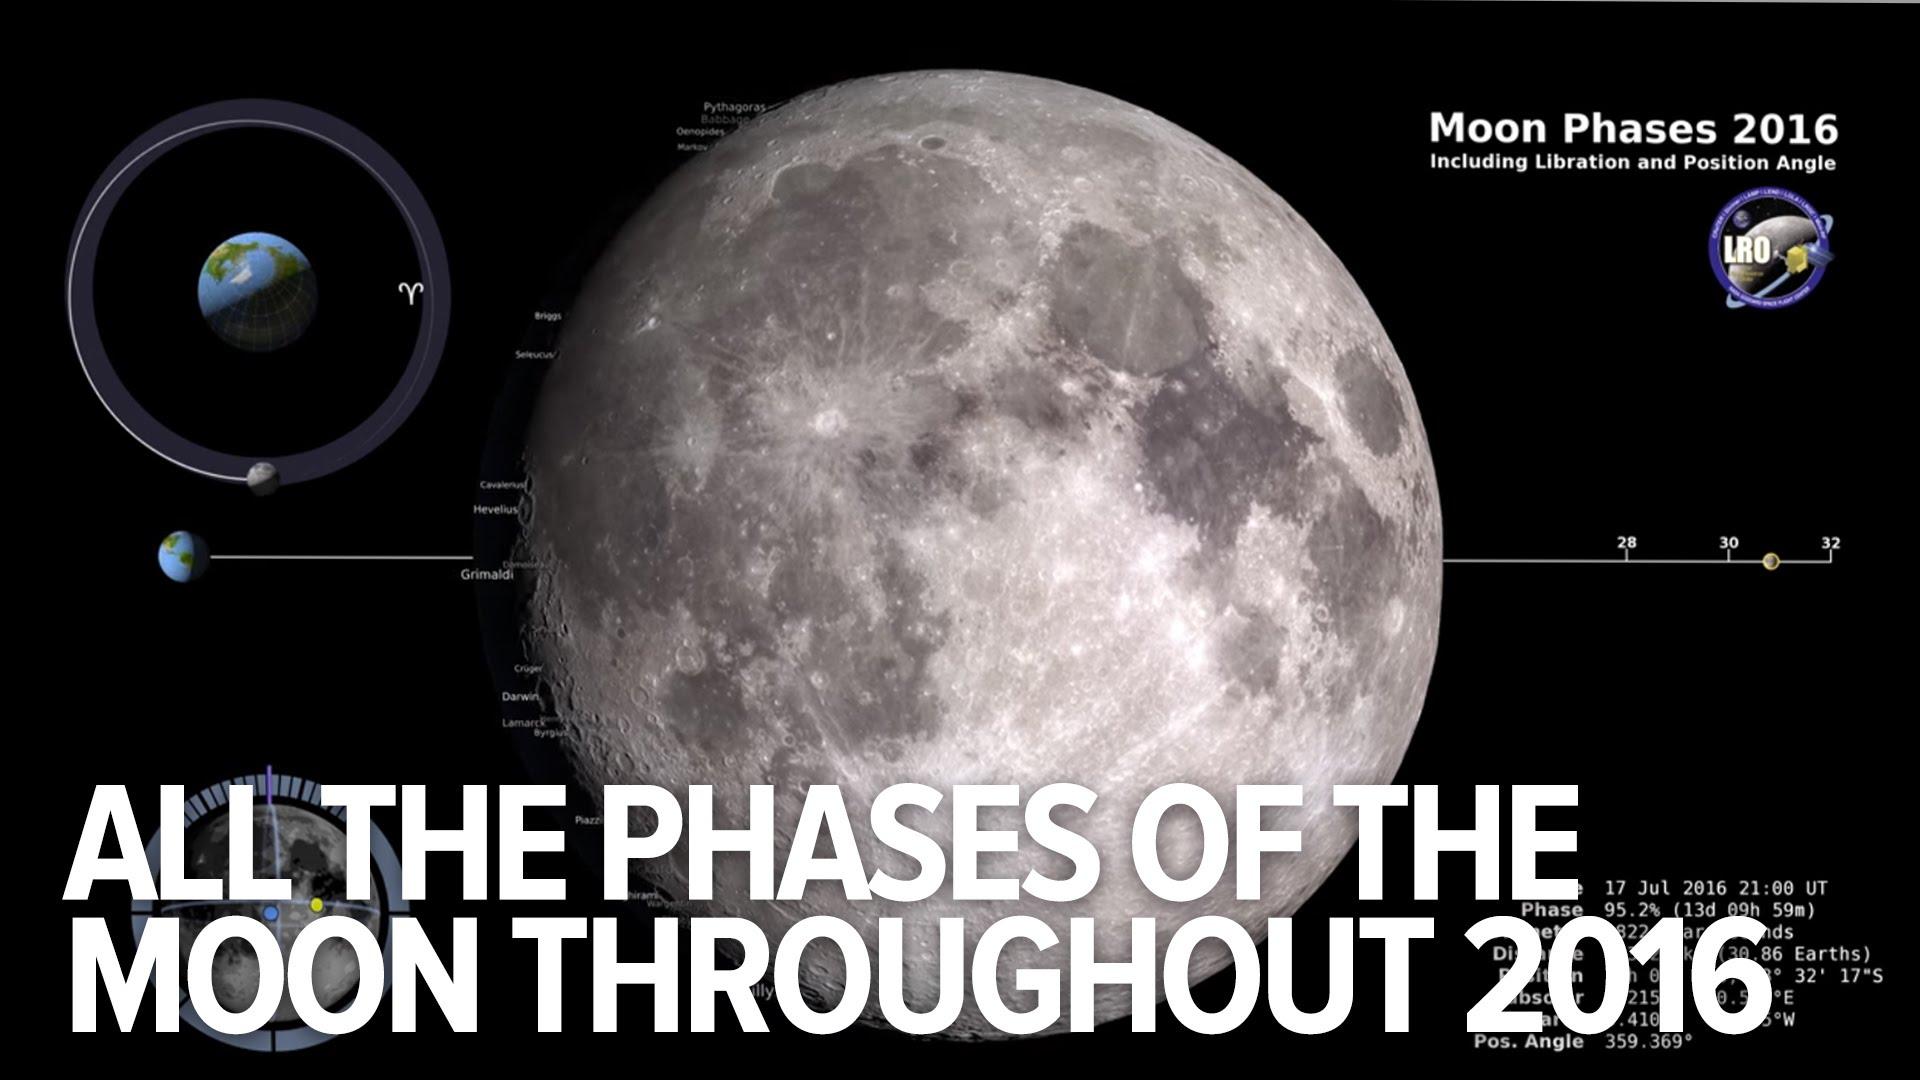 Alle Phasen des Mondes in 2016